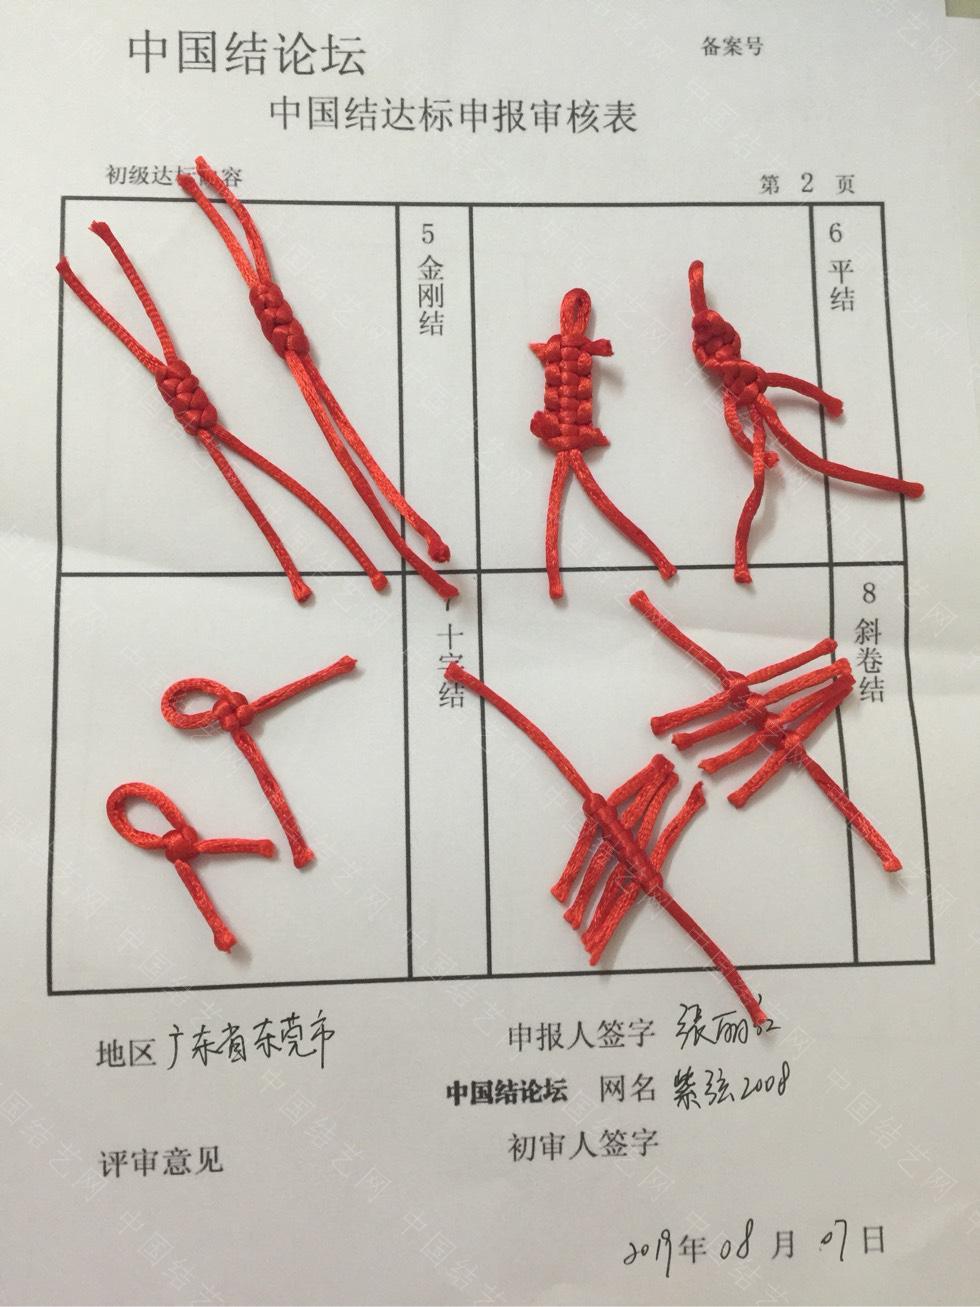 中国结论坛 紫弦2008--初级达标申请稿件 紫袖红弦是什么意思,自备稿件《我》,蓬莱间紫弦插曲,安全小稿件 中国绳结艺术分级达标审核 004515rppdrq5y7z5fzp3x